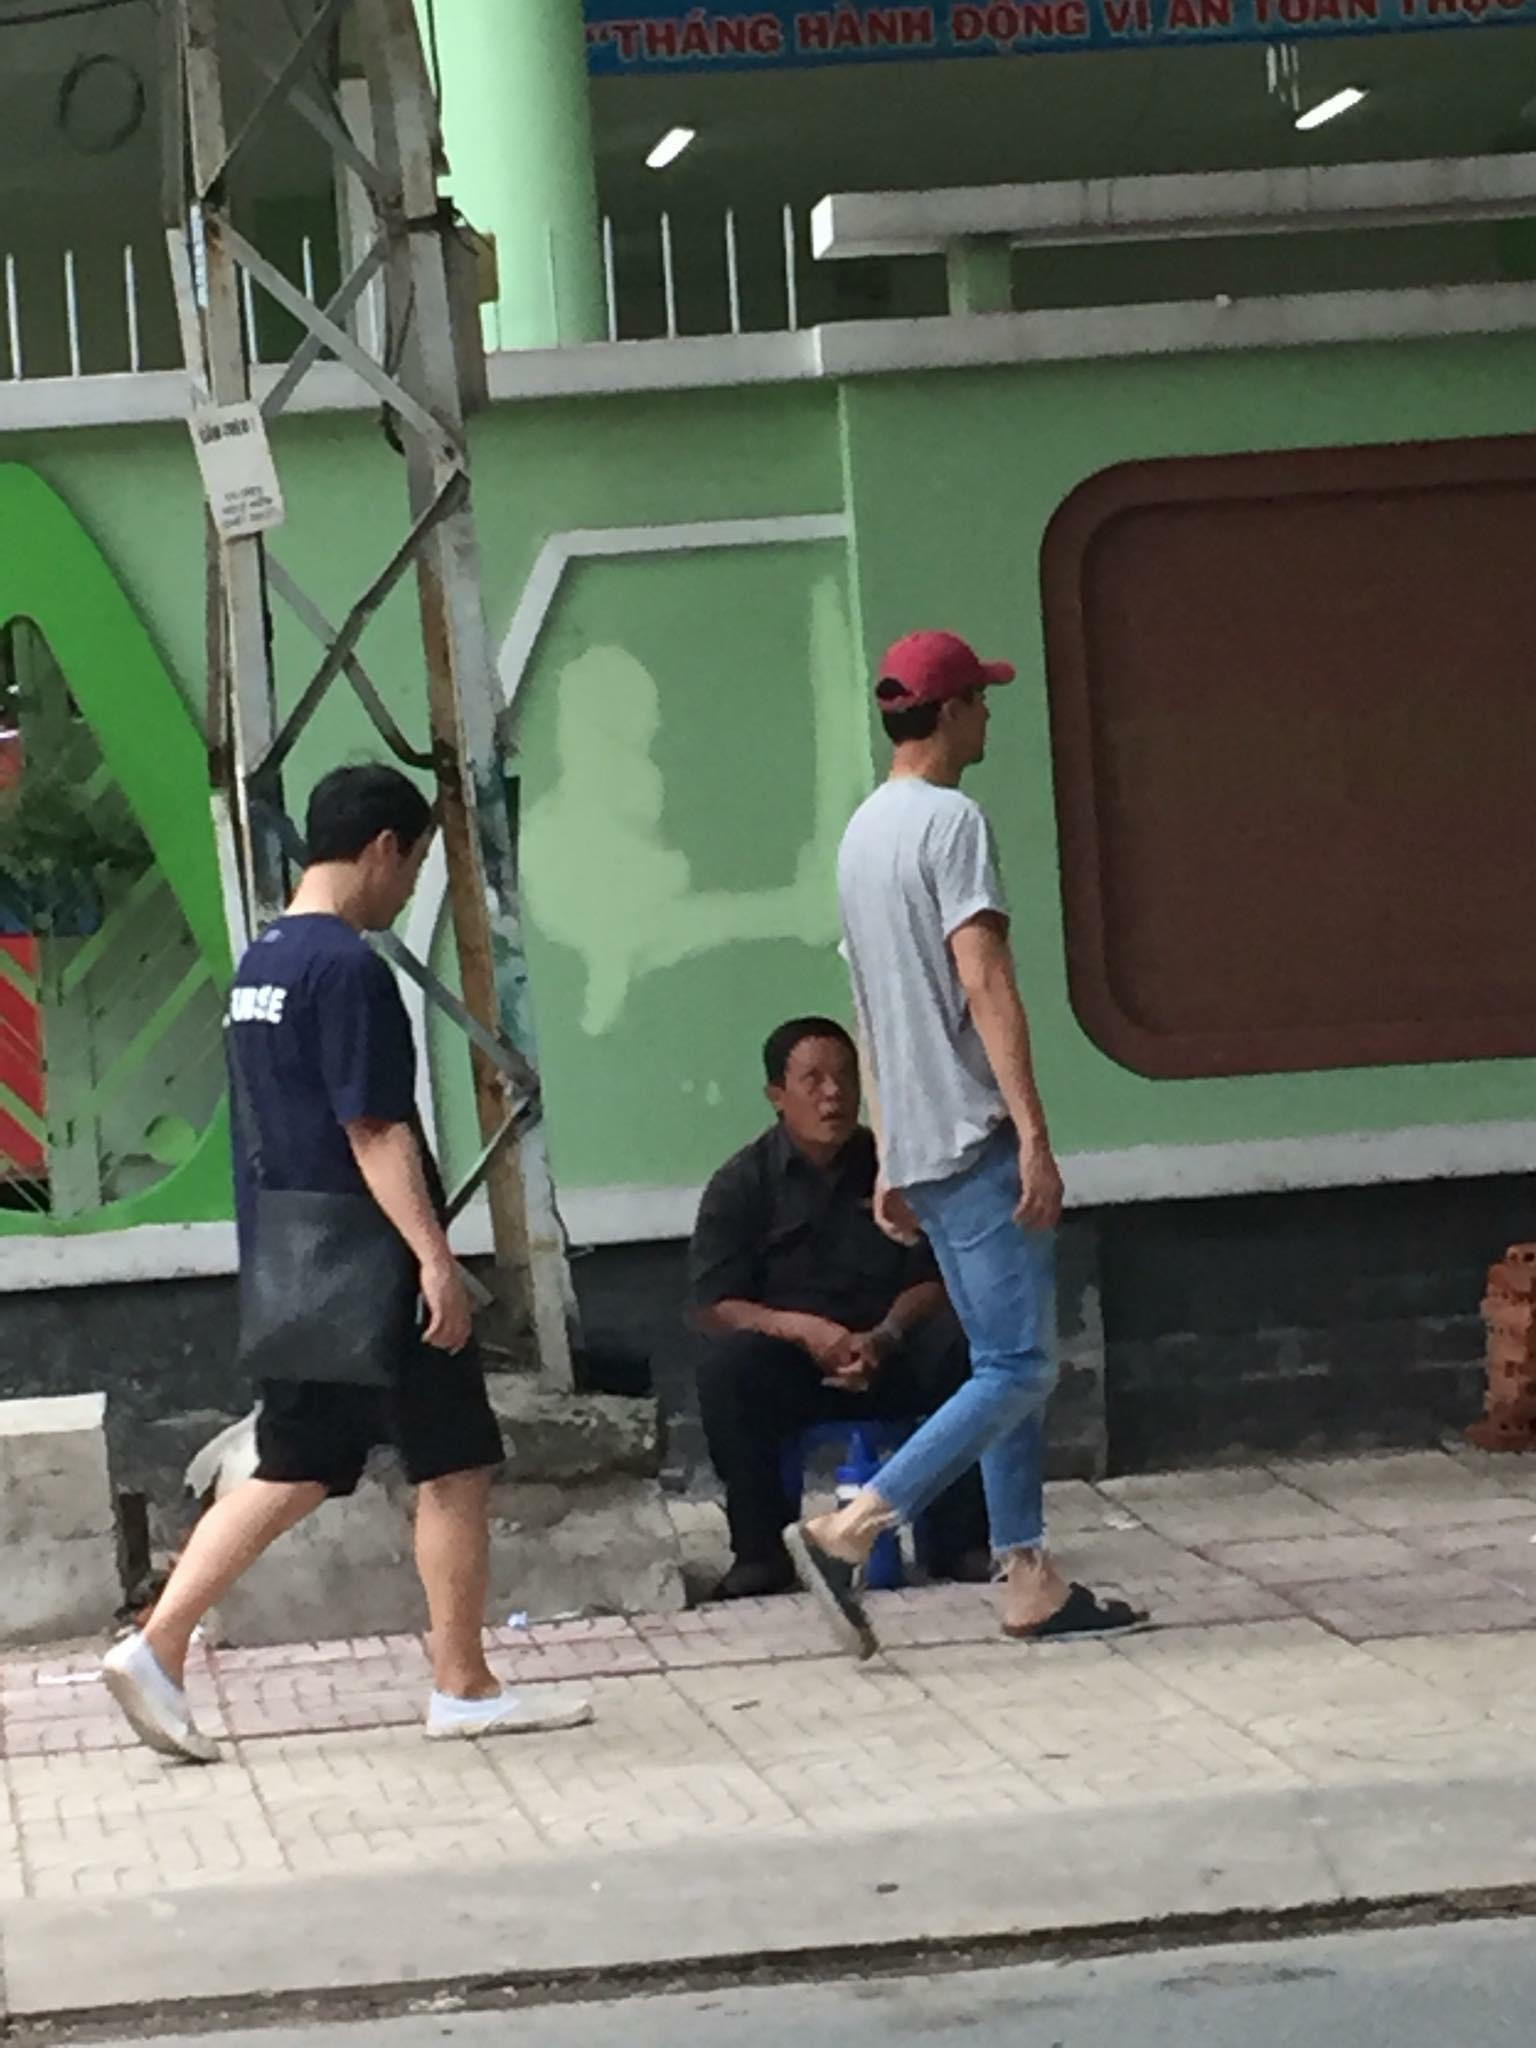 Tài tử Jo In Sung dạo phố Việt Nam: Đi dép lào, dáng đứng bến tre nhưng vẫn khiến fan vỡ tim vì ngoại hình - Ảnh 2.